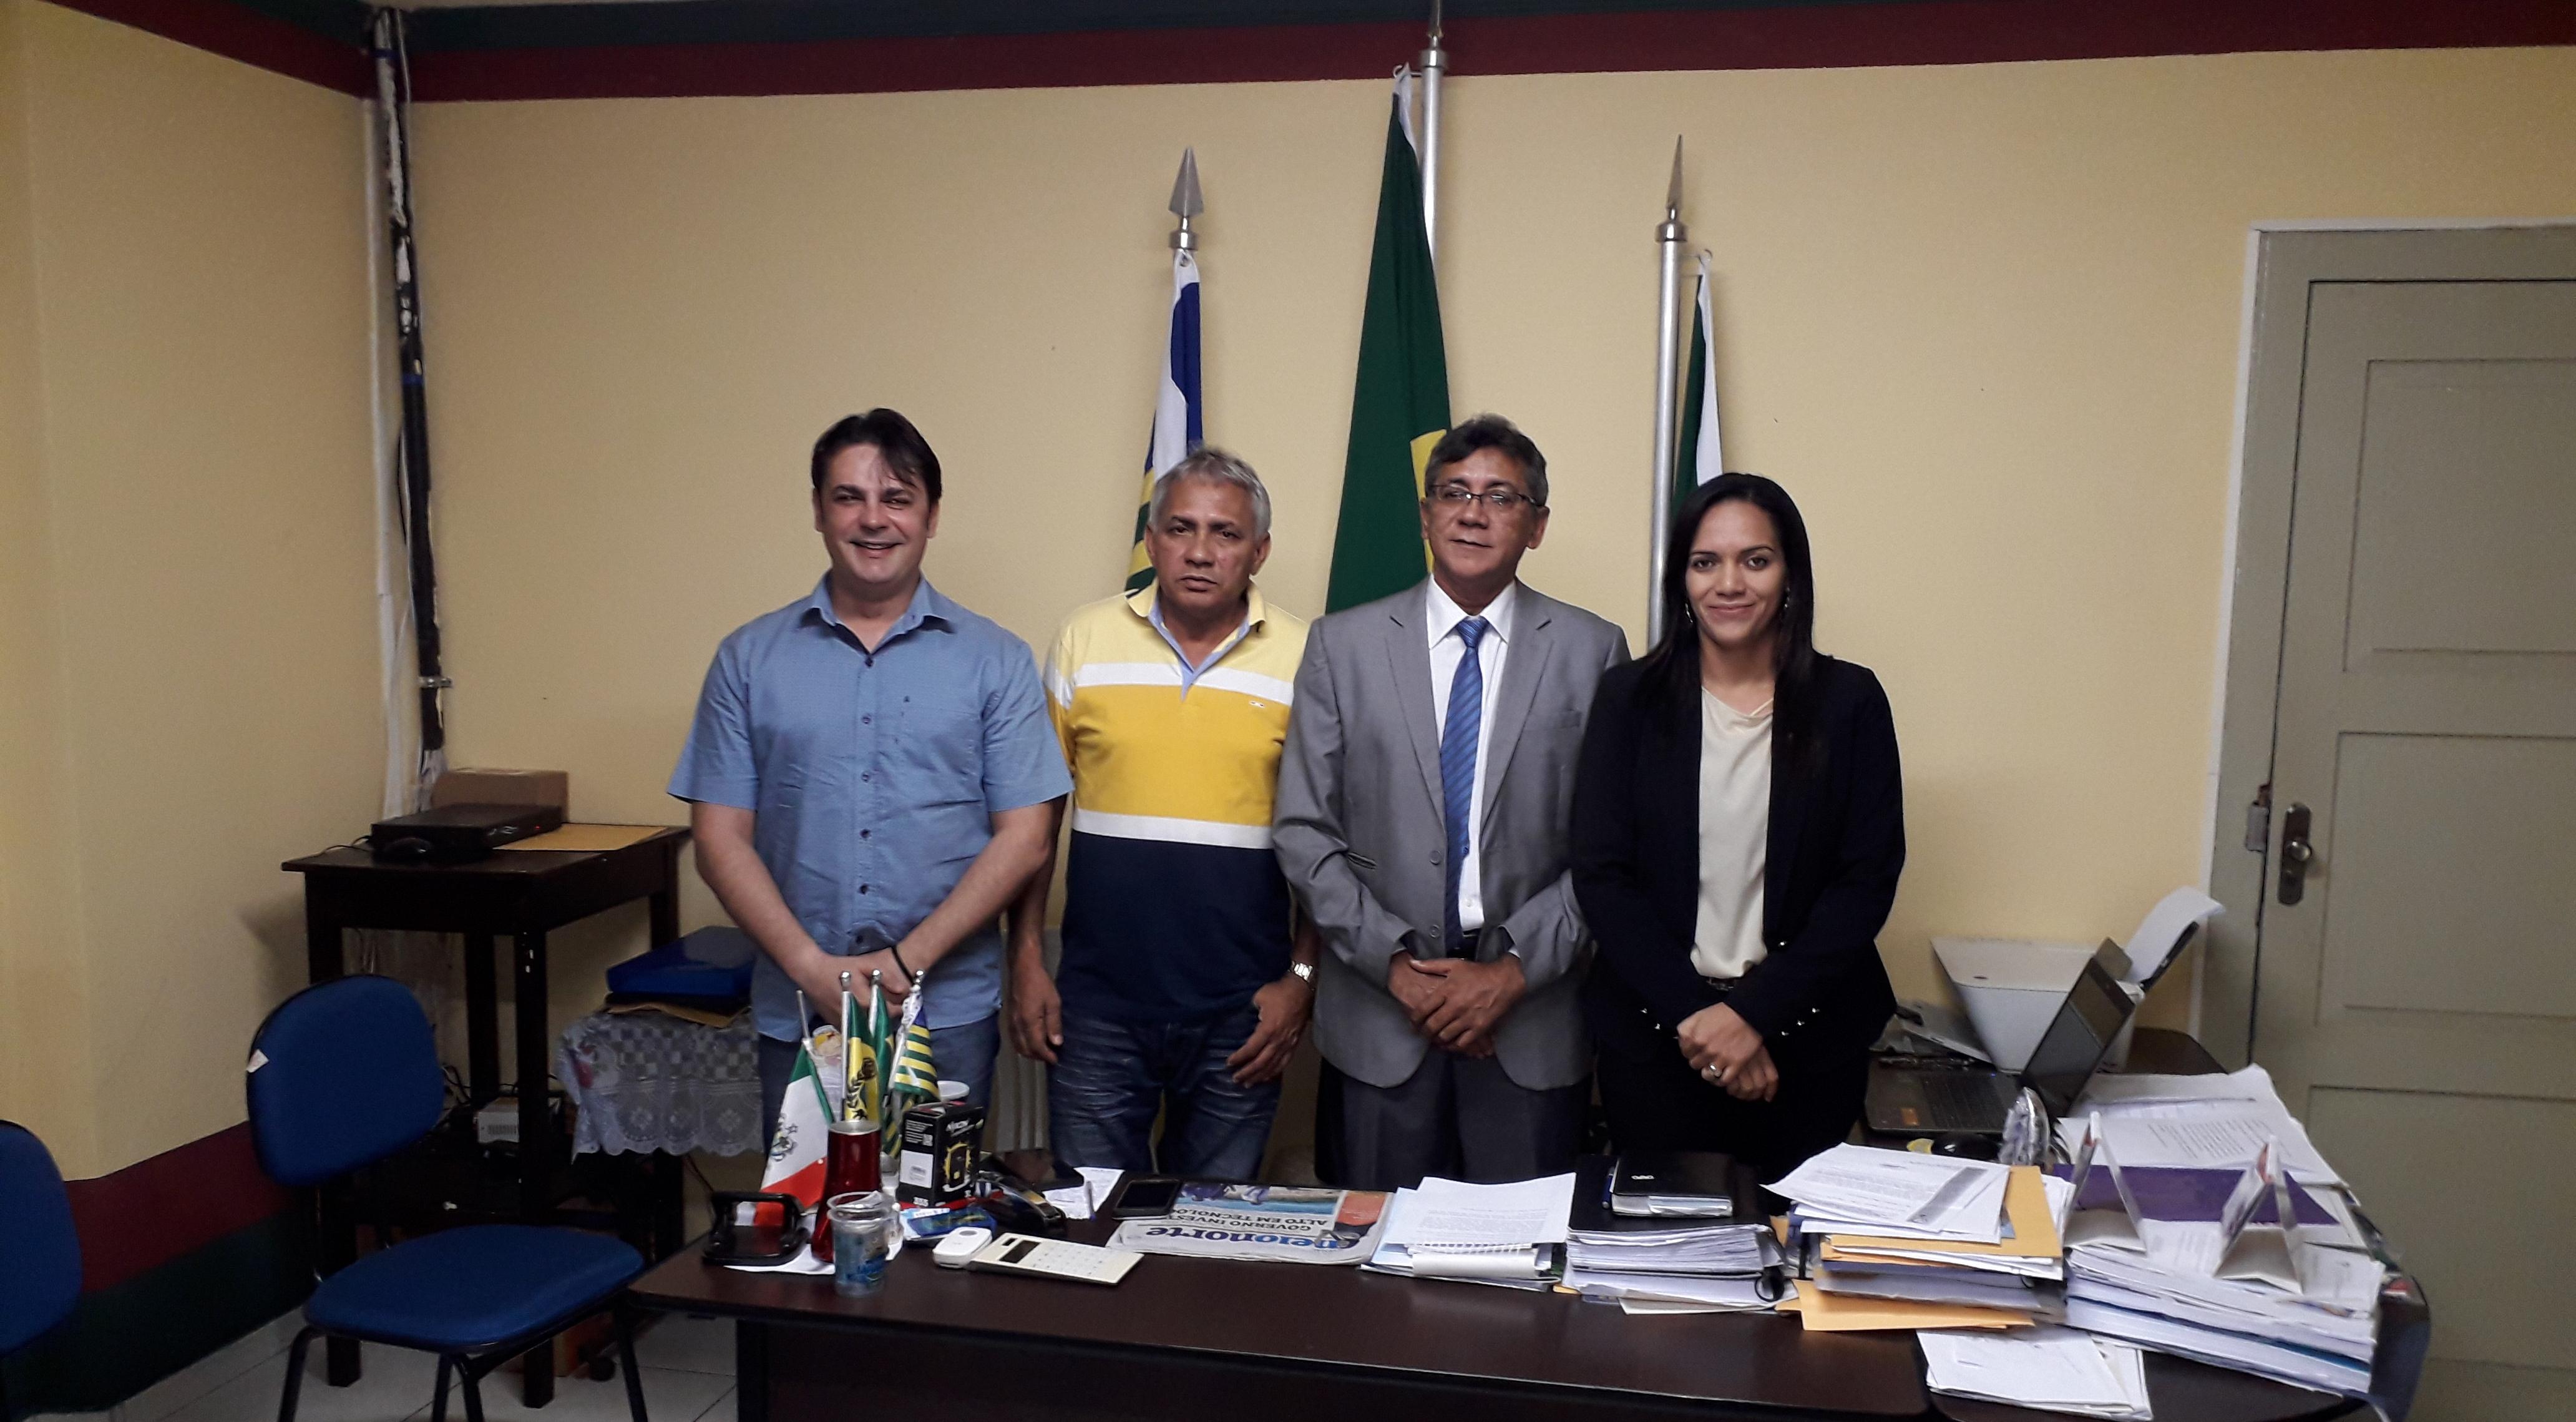 Câmara Municipal de José de Freitas empossa nova Mesa Diretora